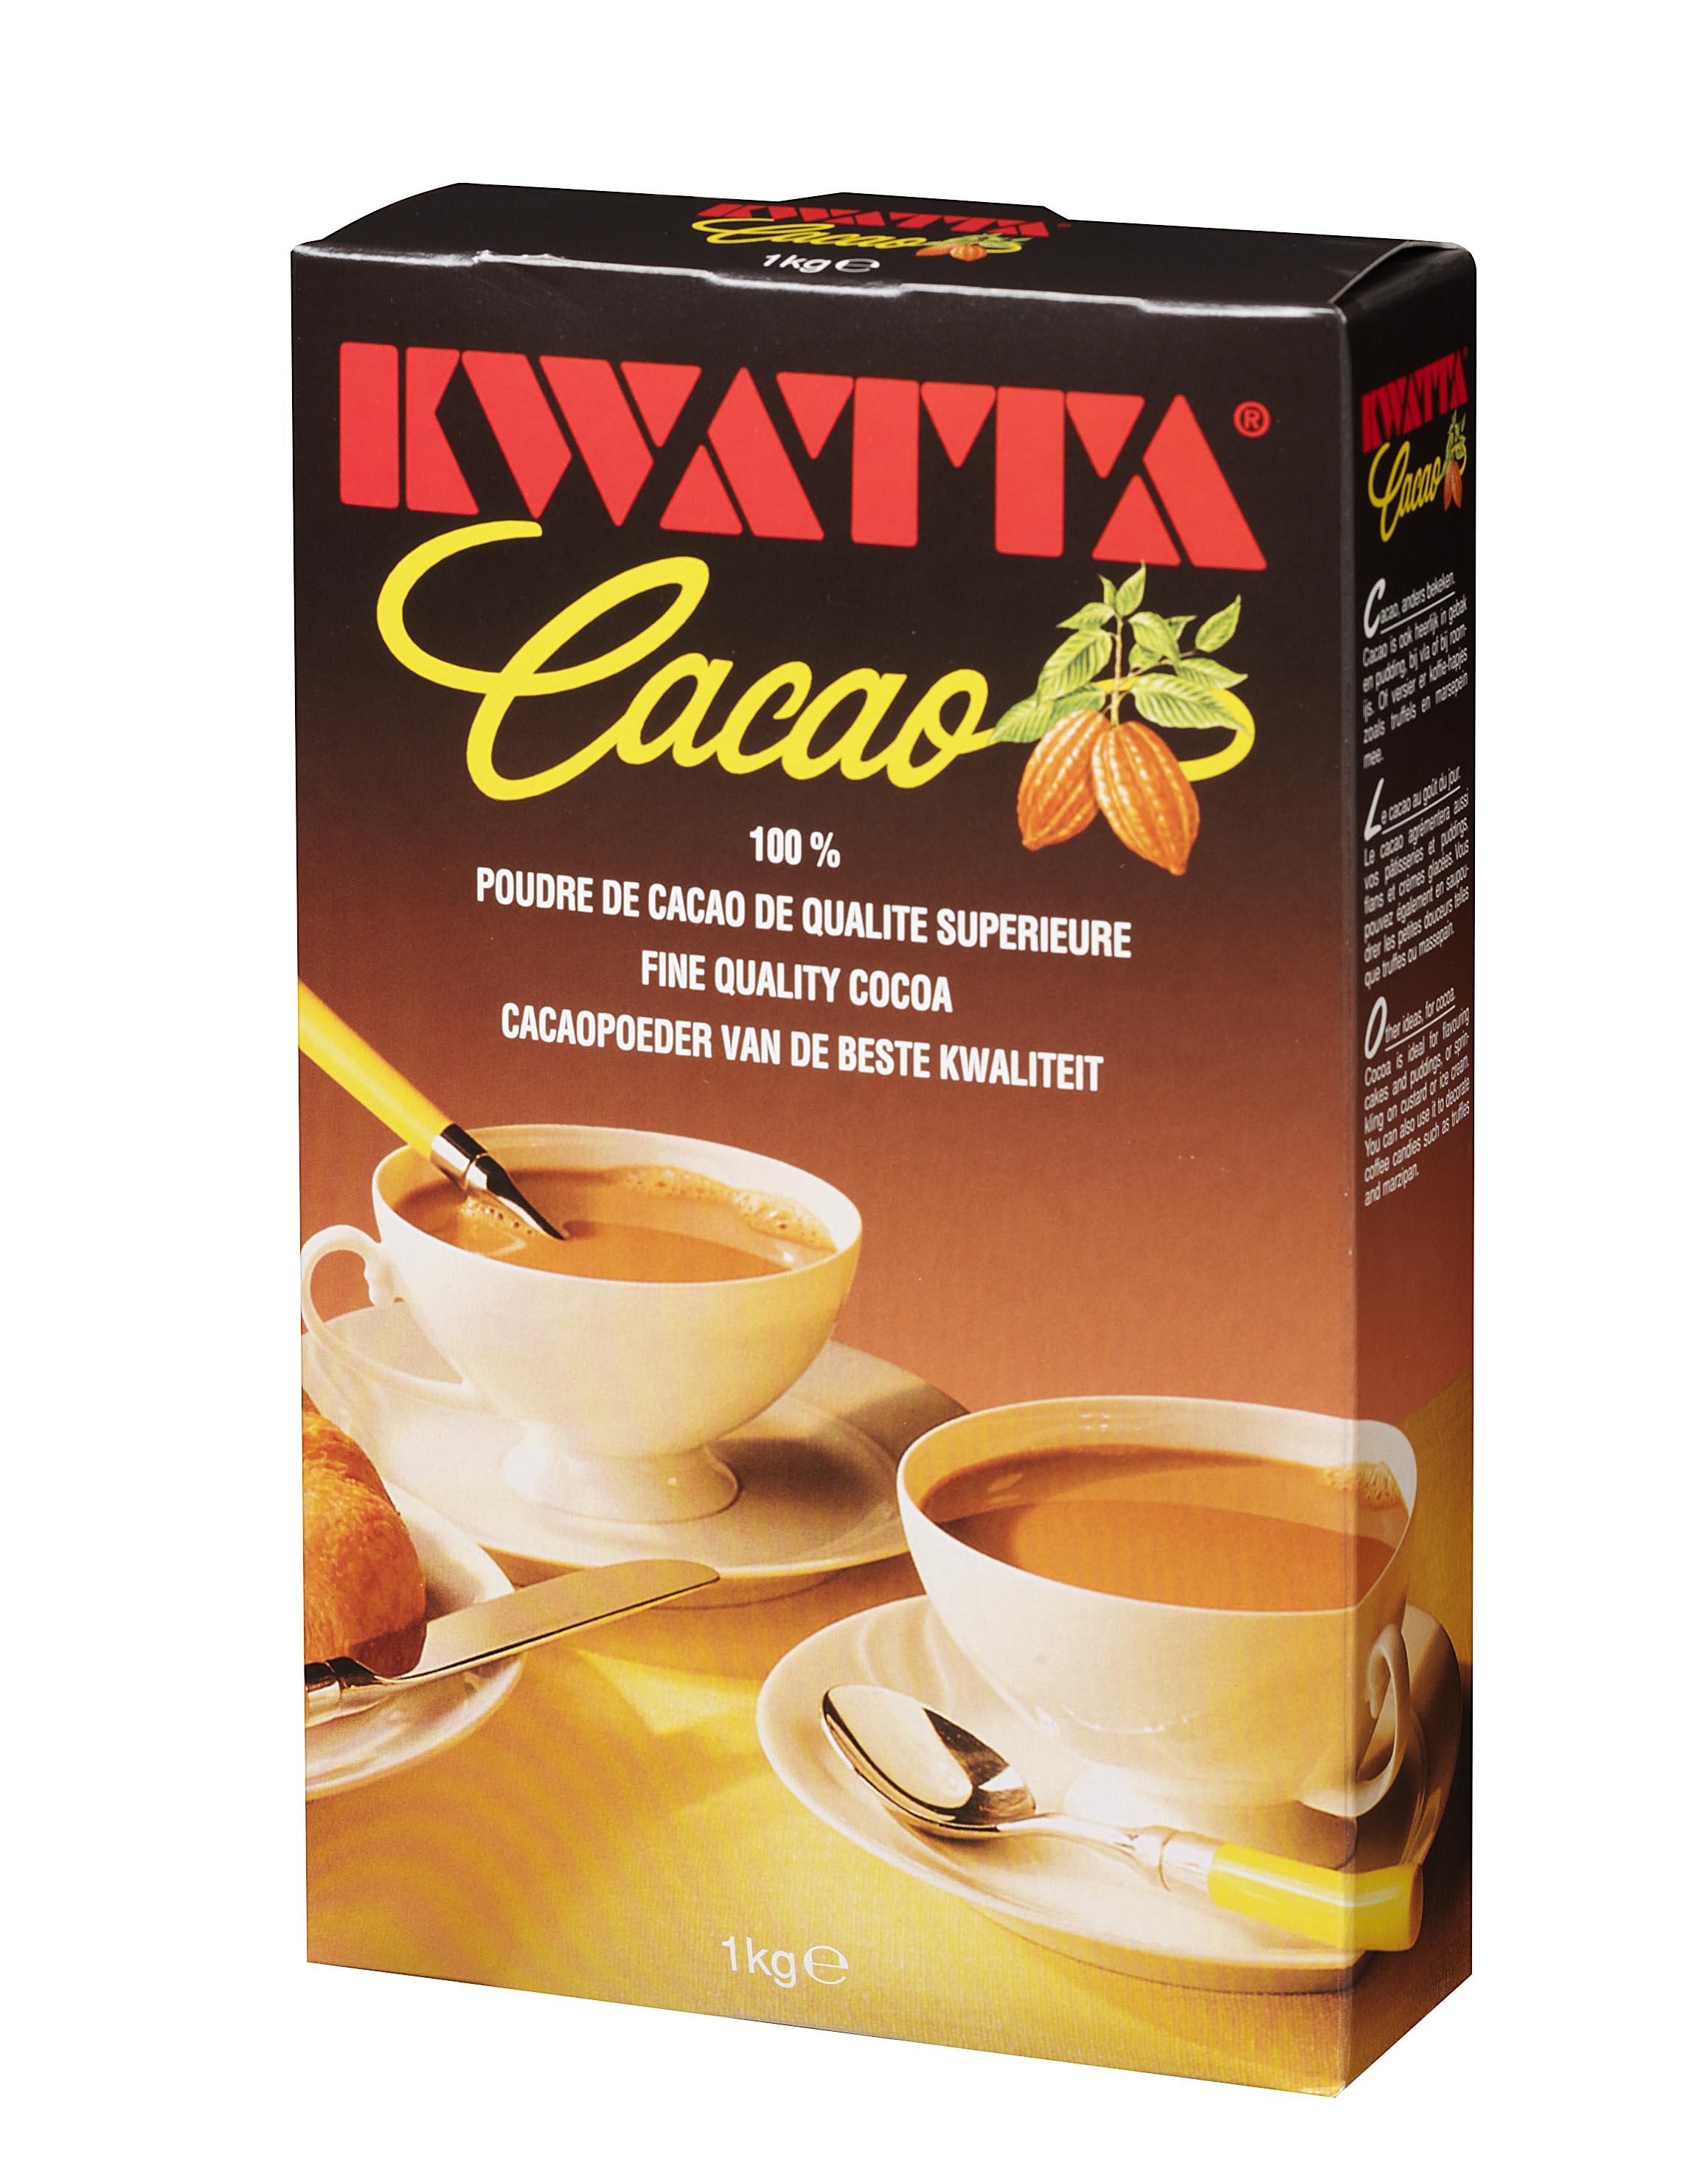 Kwatta cacao 1kg doos image